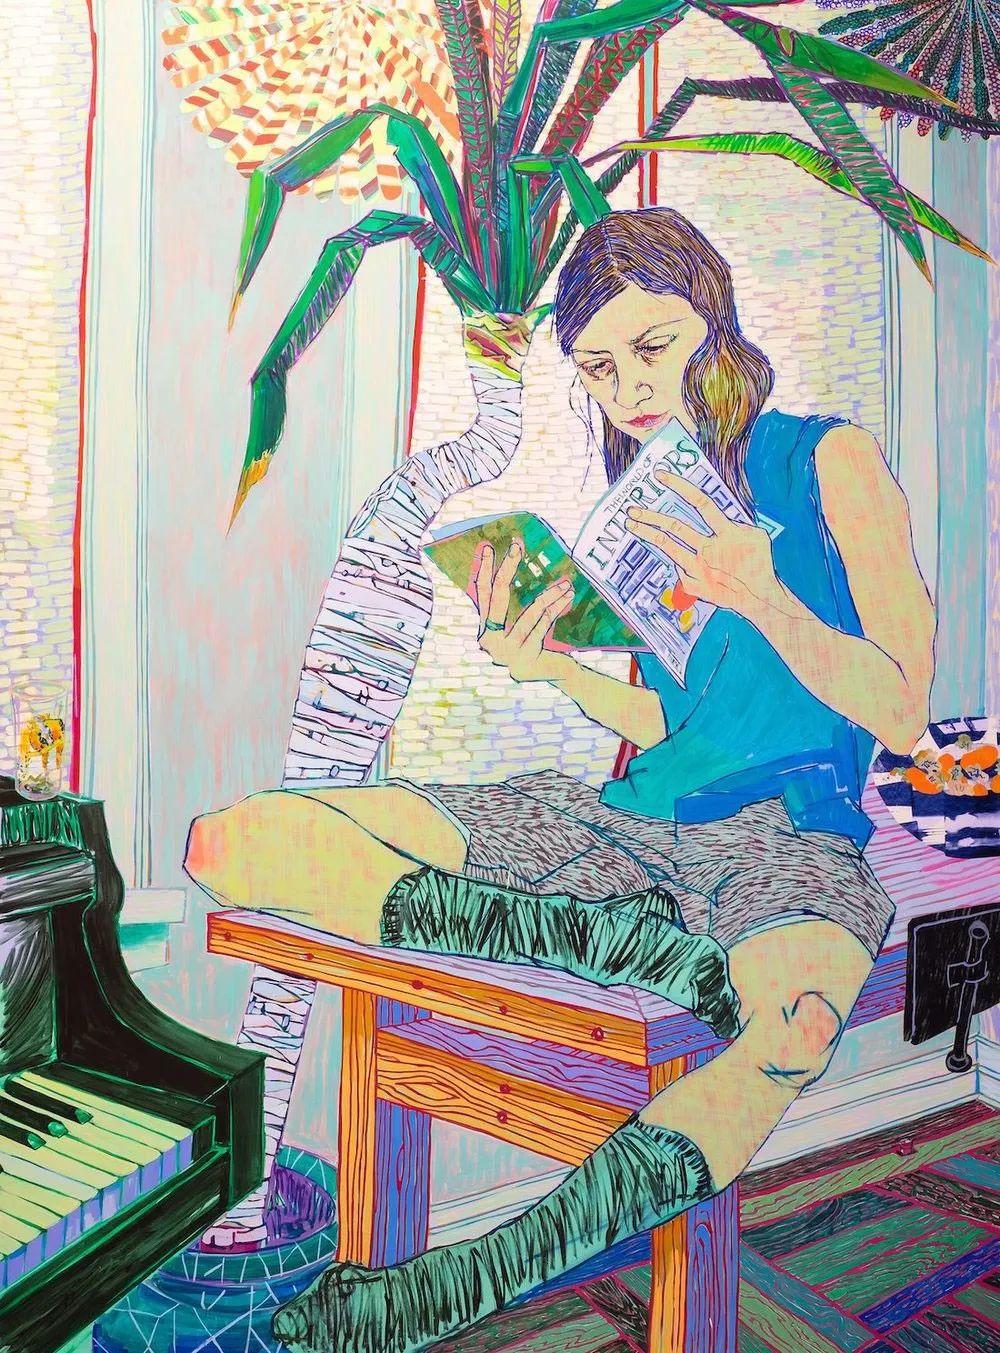 用平静的笔触描绘强烈的感情,美国艺术家Hope Gangloff作品选插图25